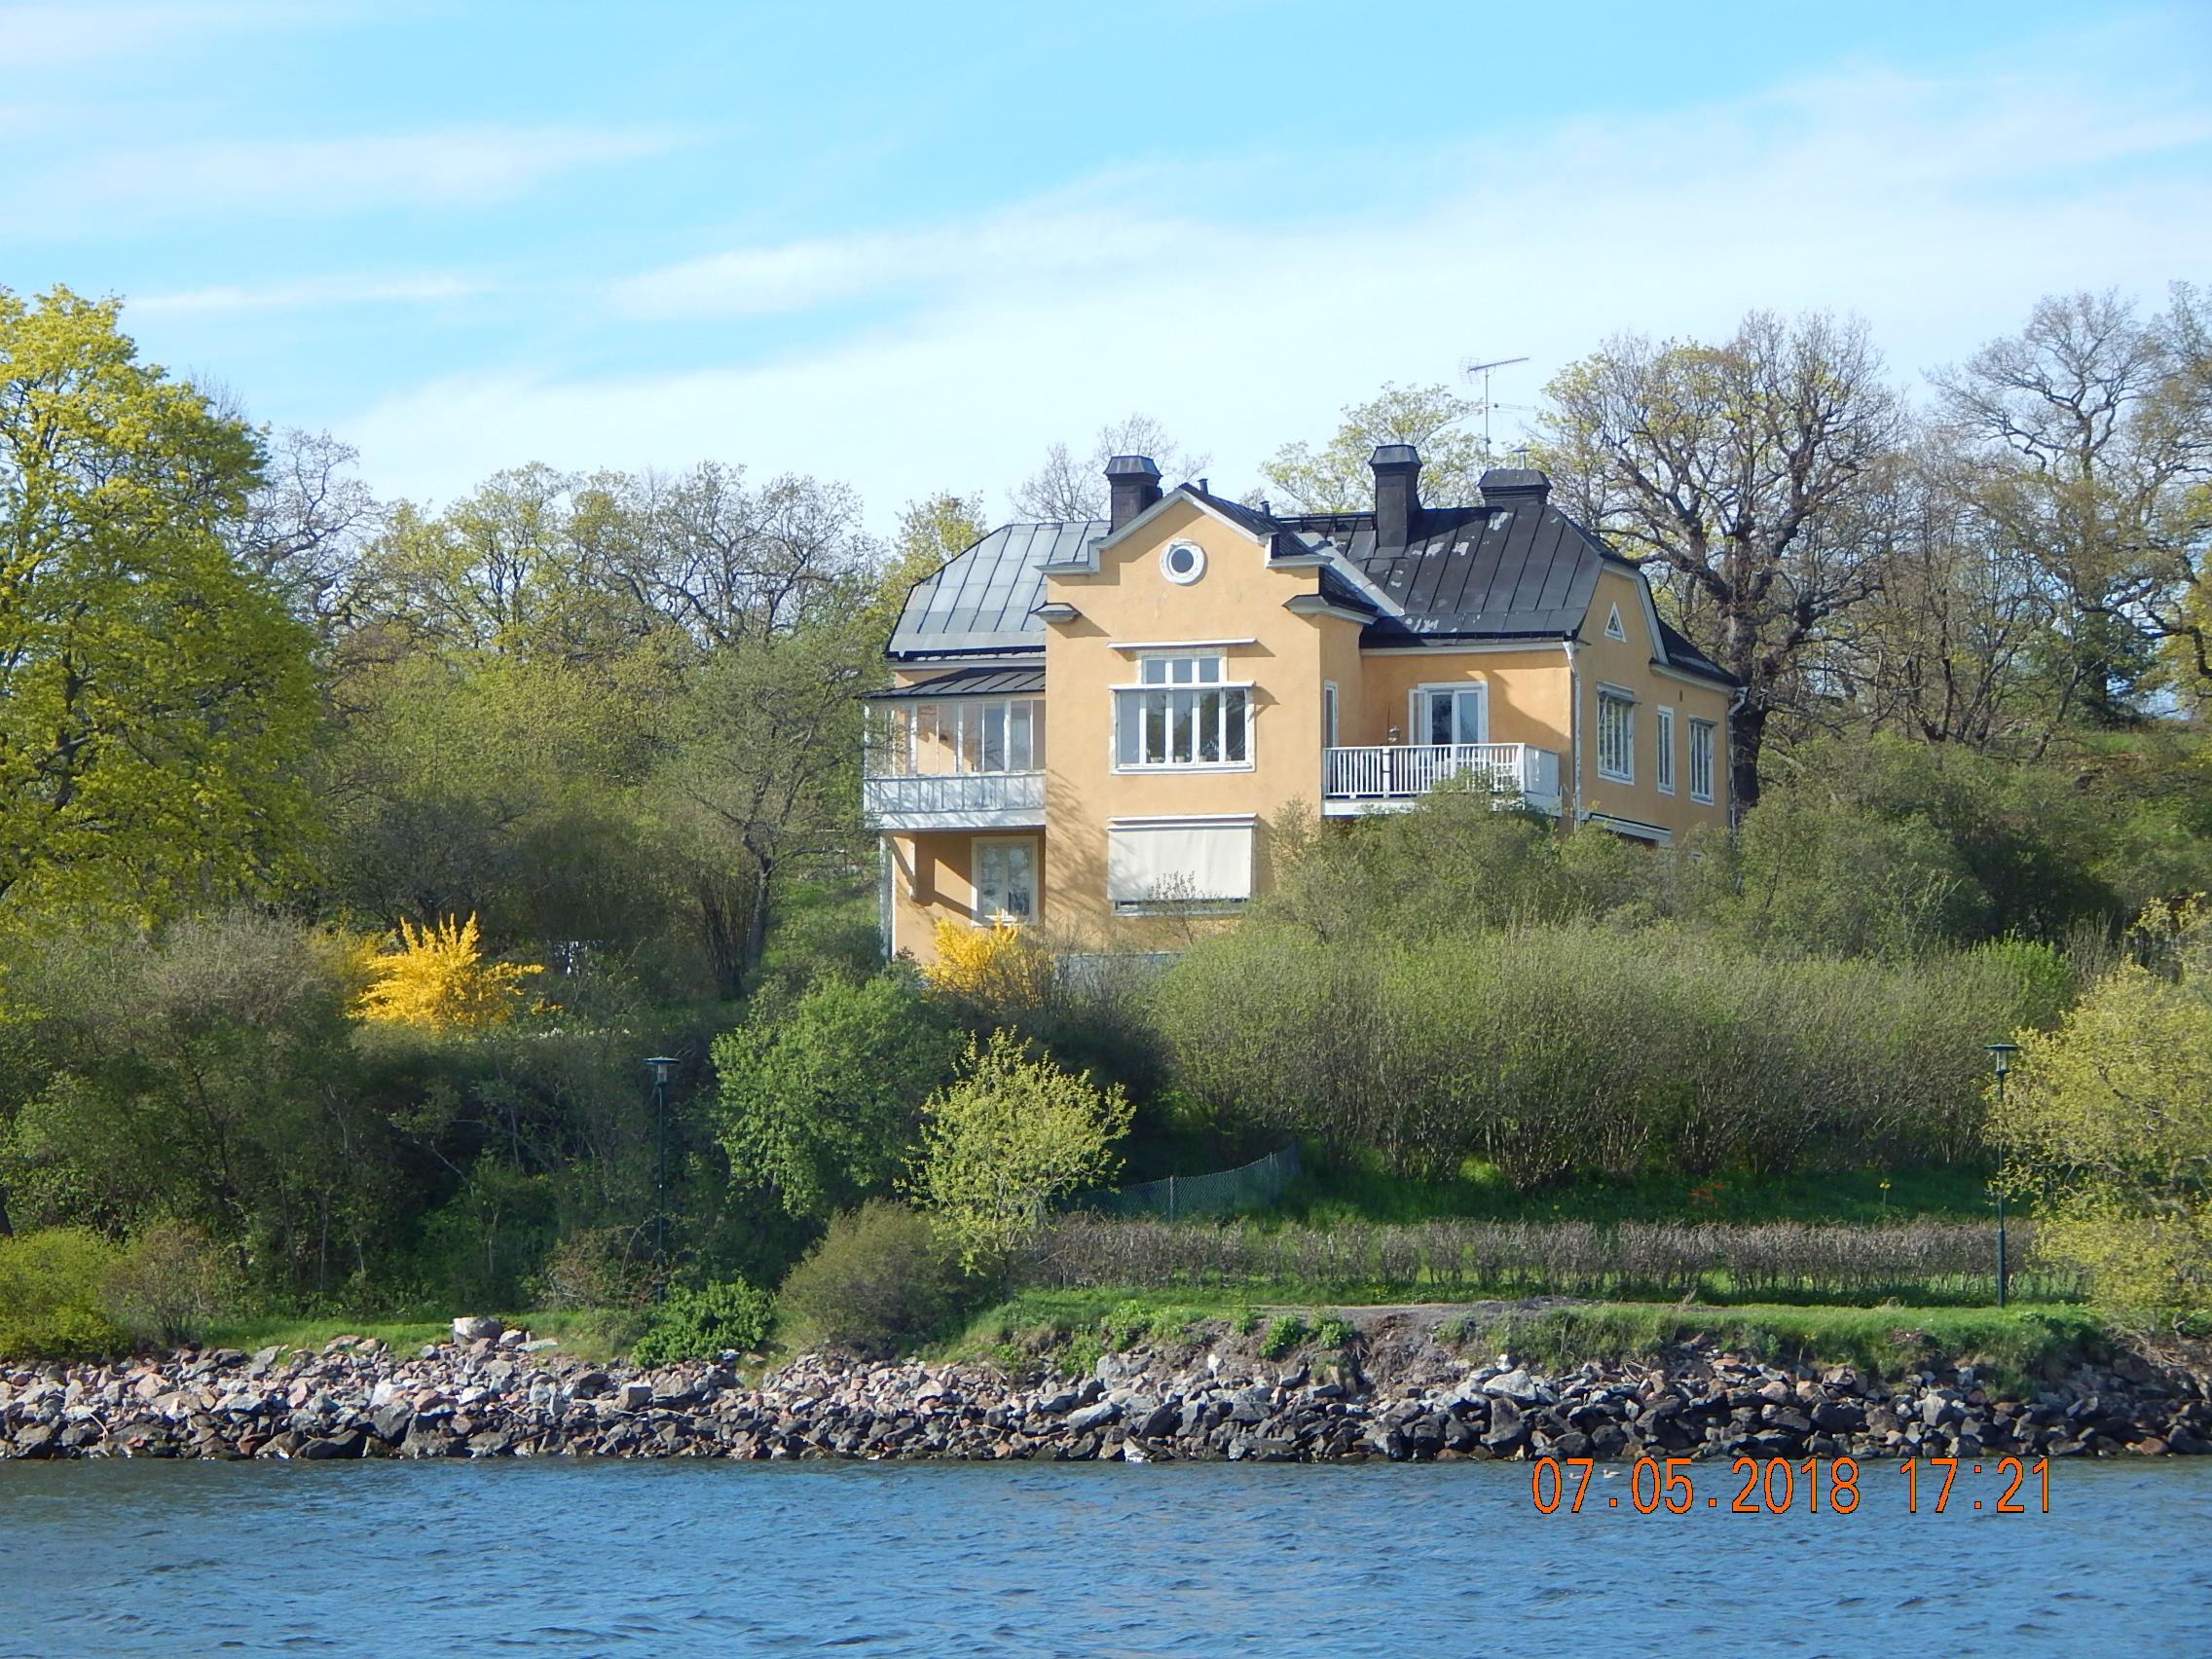 Романтическое путешествие в Скандинавию. - Страница 2 Dscn4618